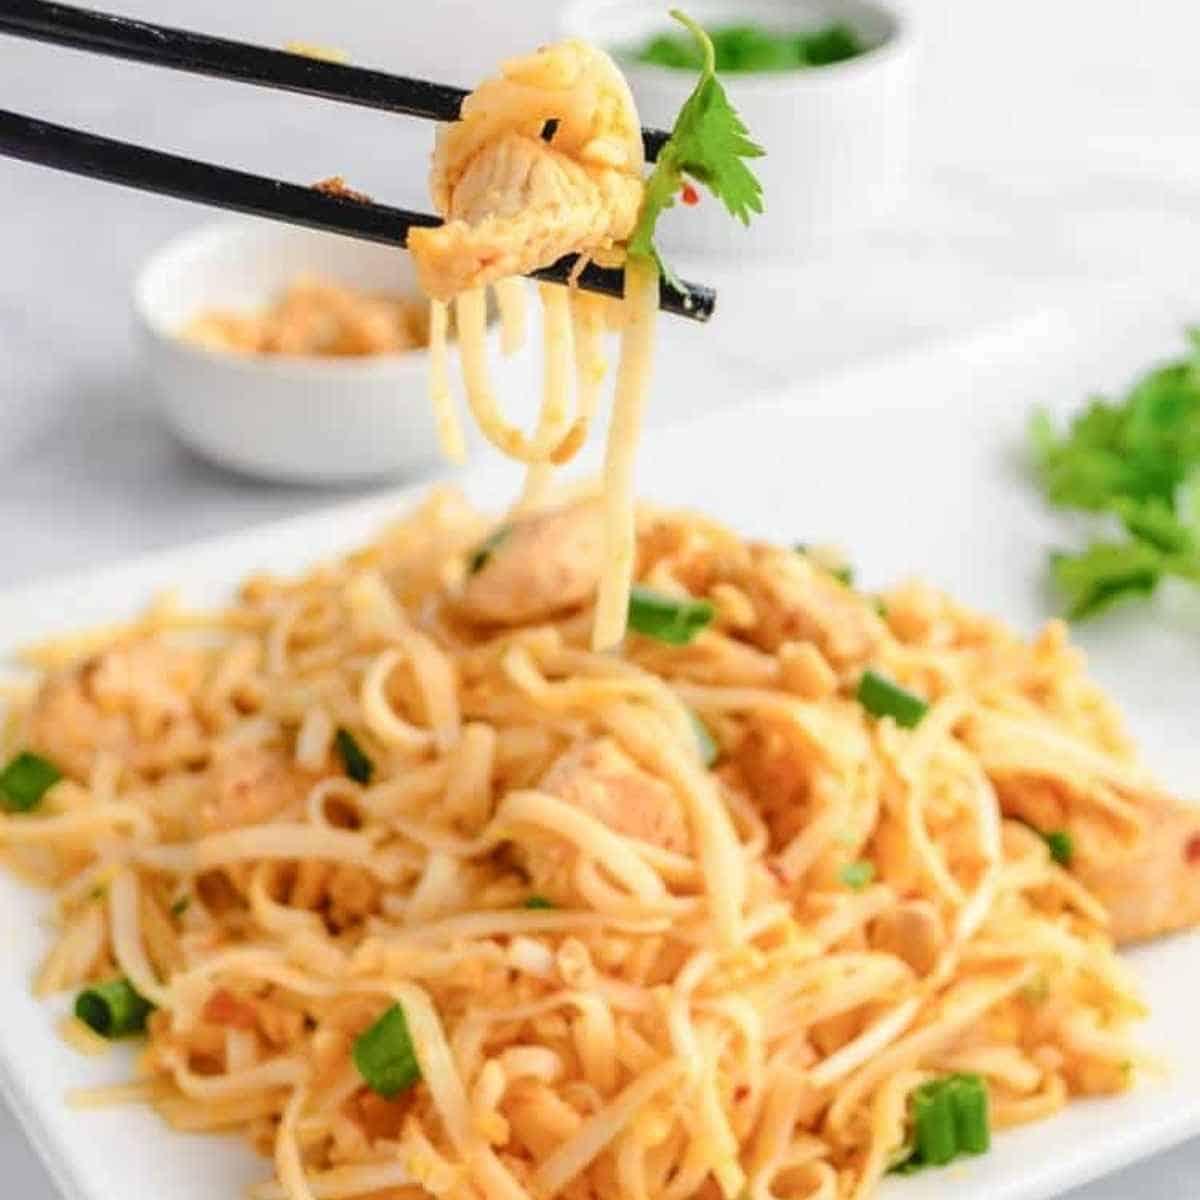 Keto chicken pad thai - Shirataki: The True Keto Approved Asian Noodle